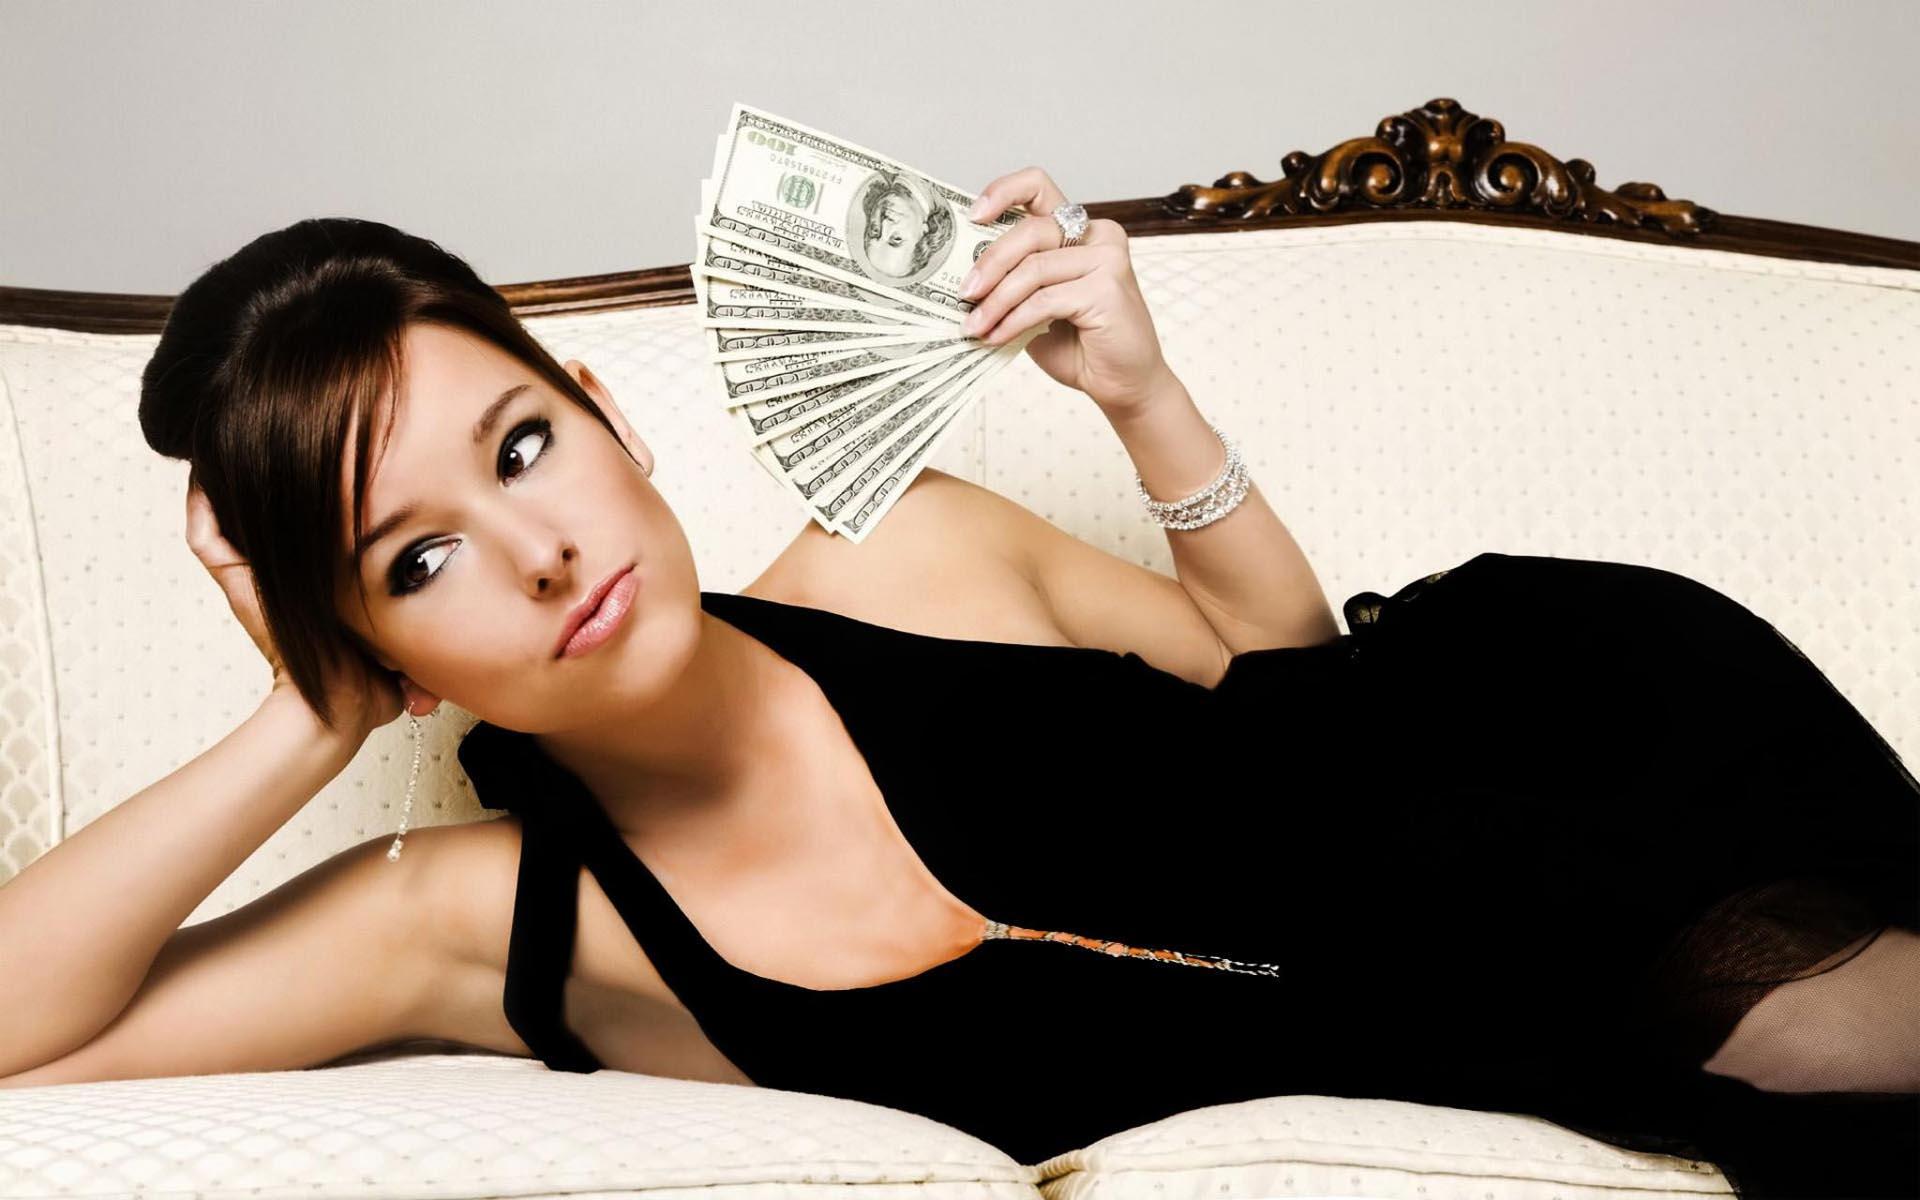 Жена за деньги фото — photo 3